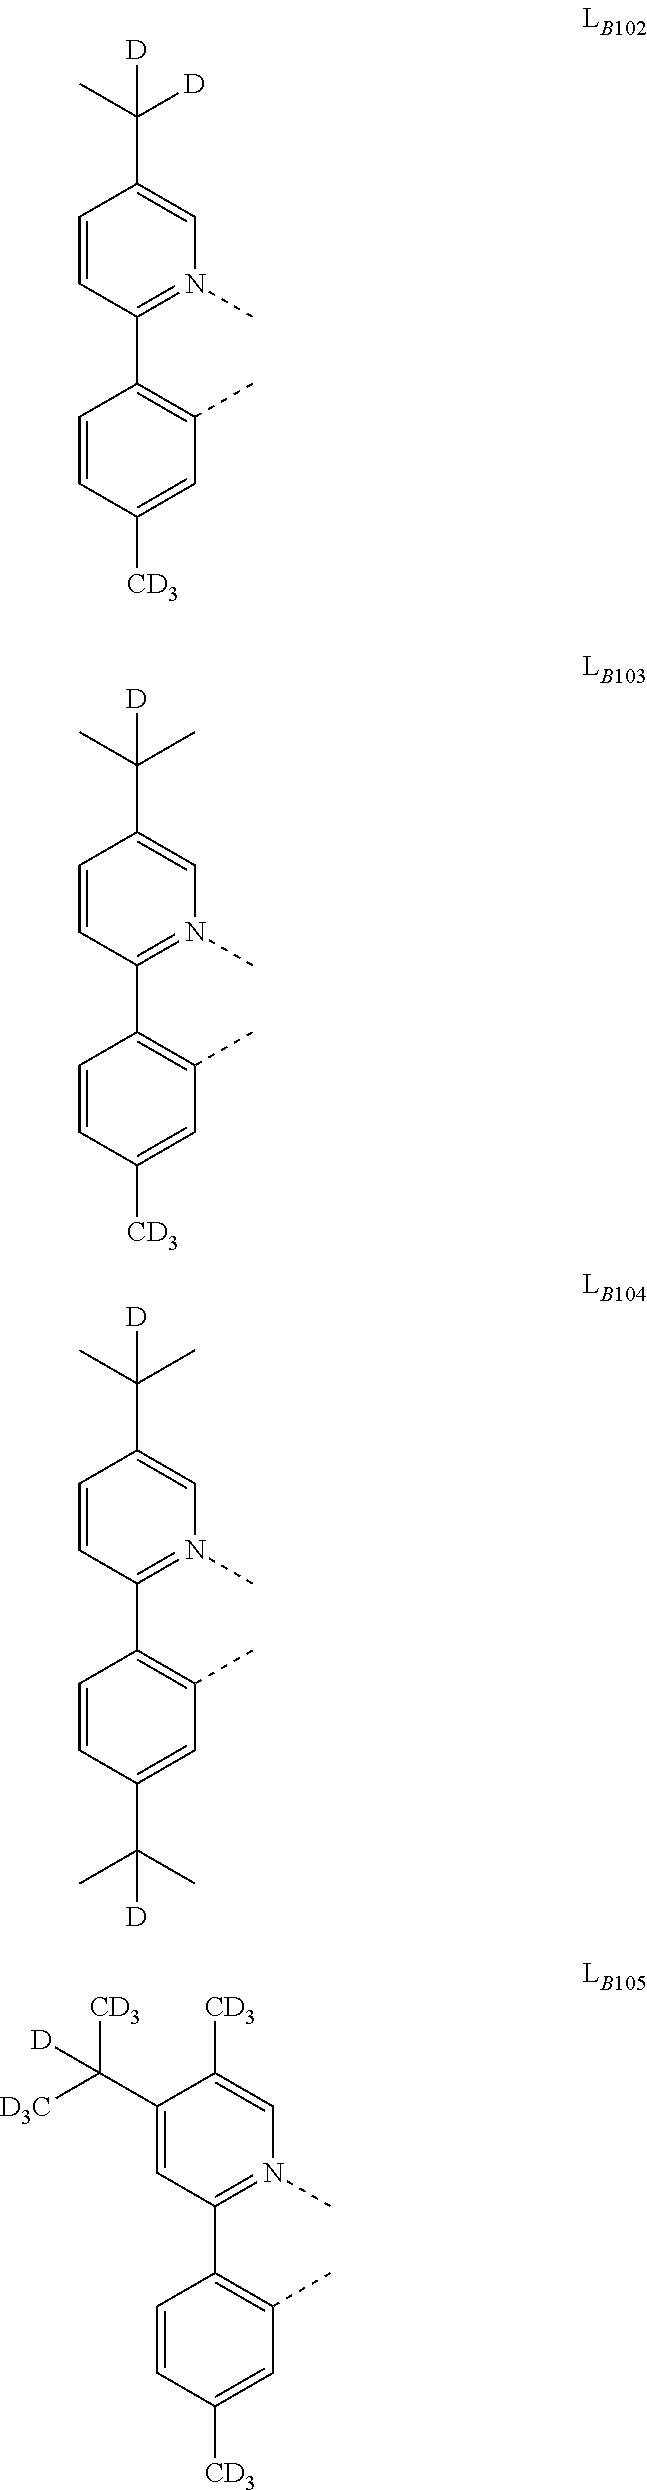 Figure US09929360-20180327-C00236